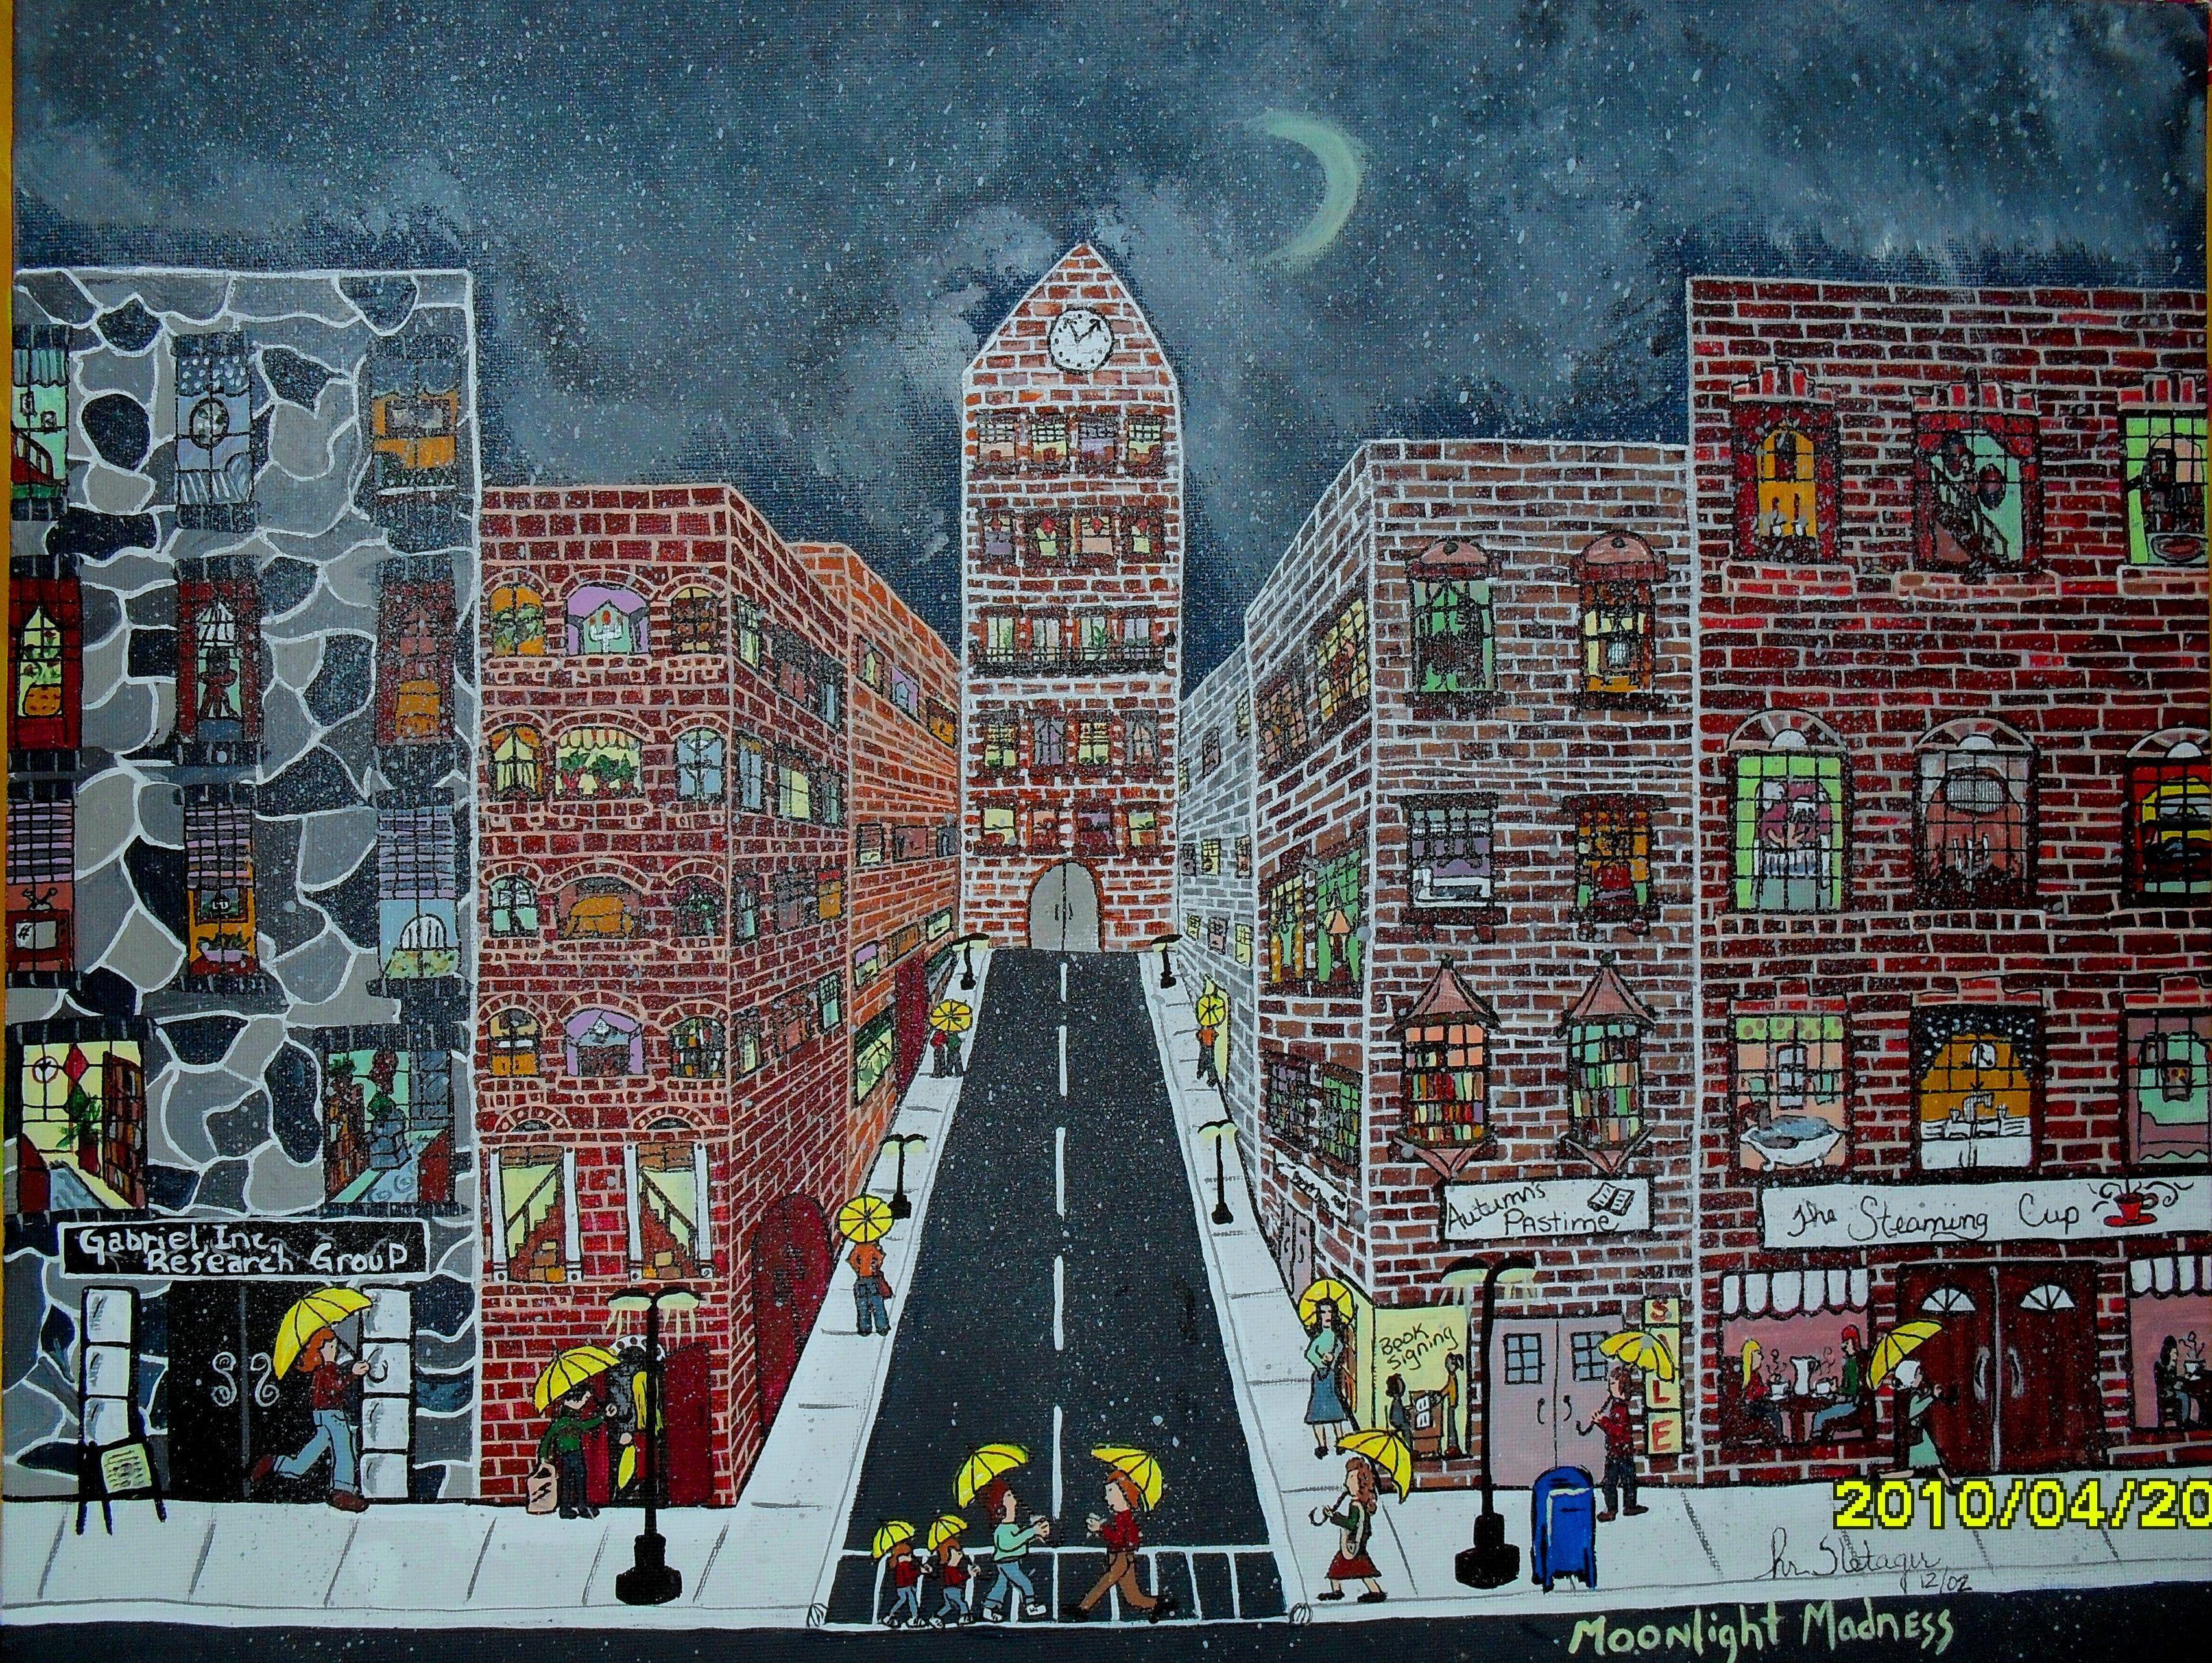 street scene on a rainy night.